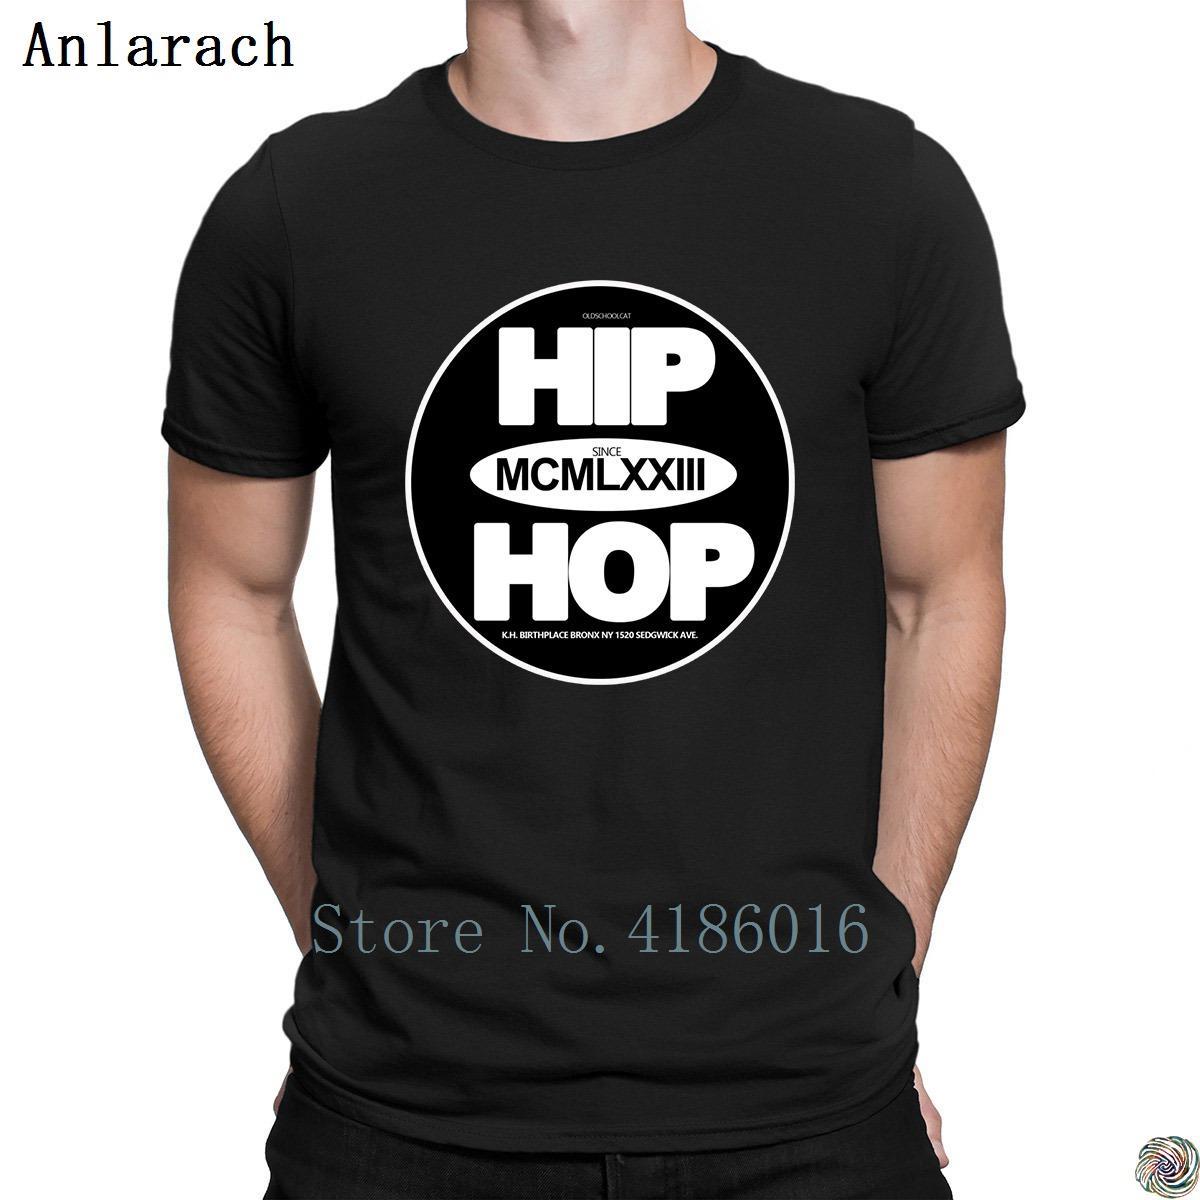 Hip-hop camisetas camiseta básica de Gran regalo para ocio Sólido grandes tamaños de los hombres 2018 Personalizar Anlarach tapa del verano